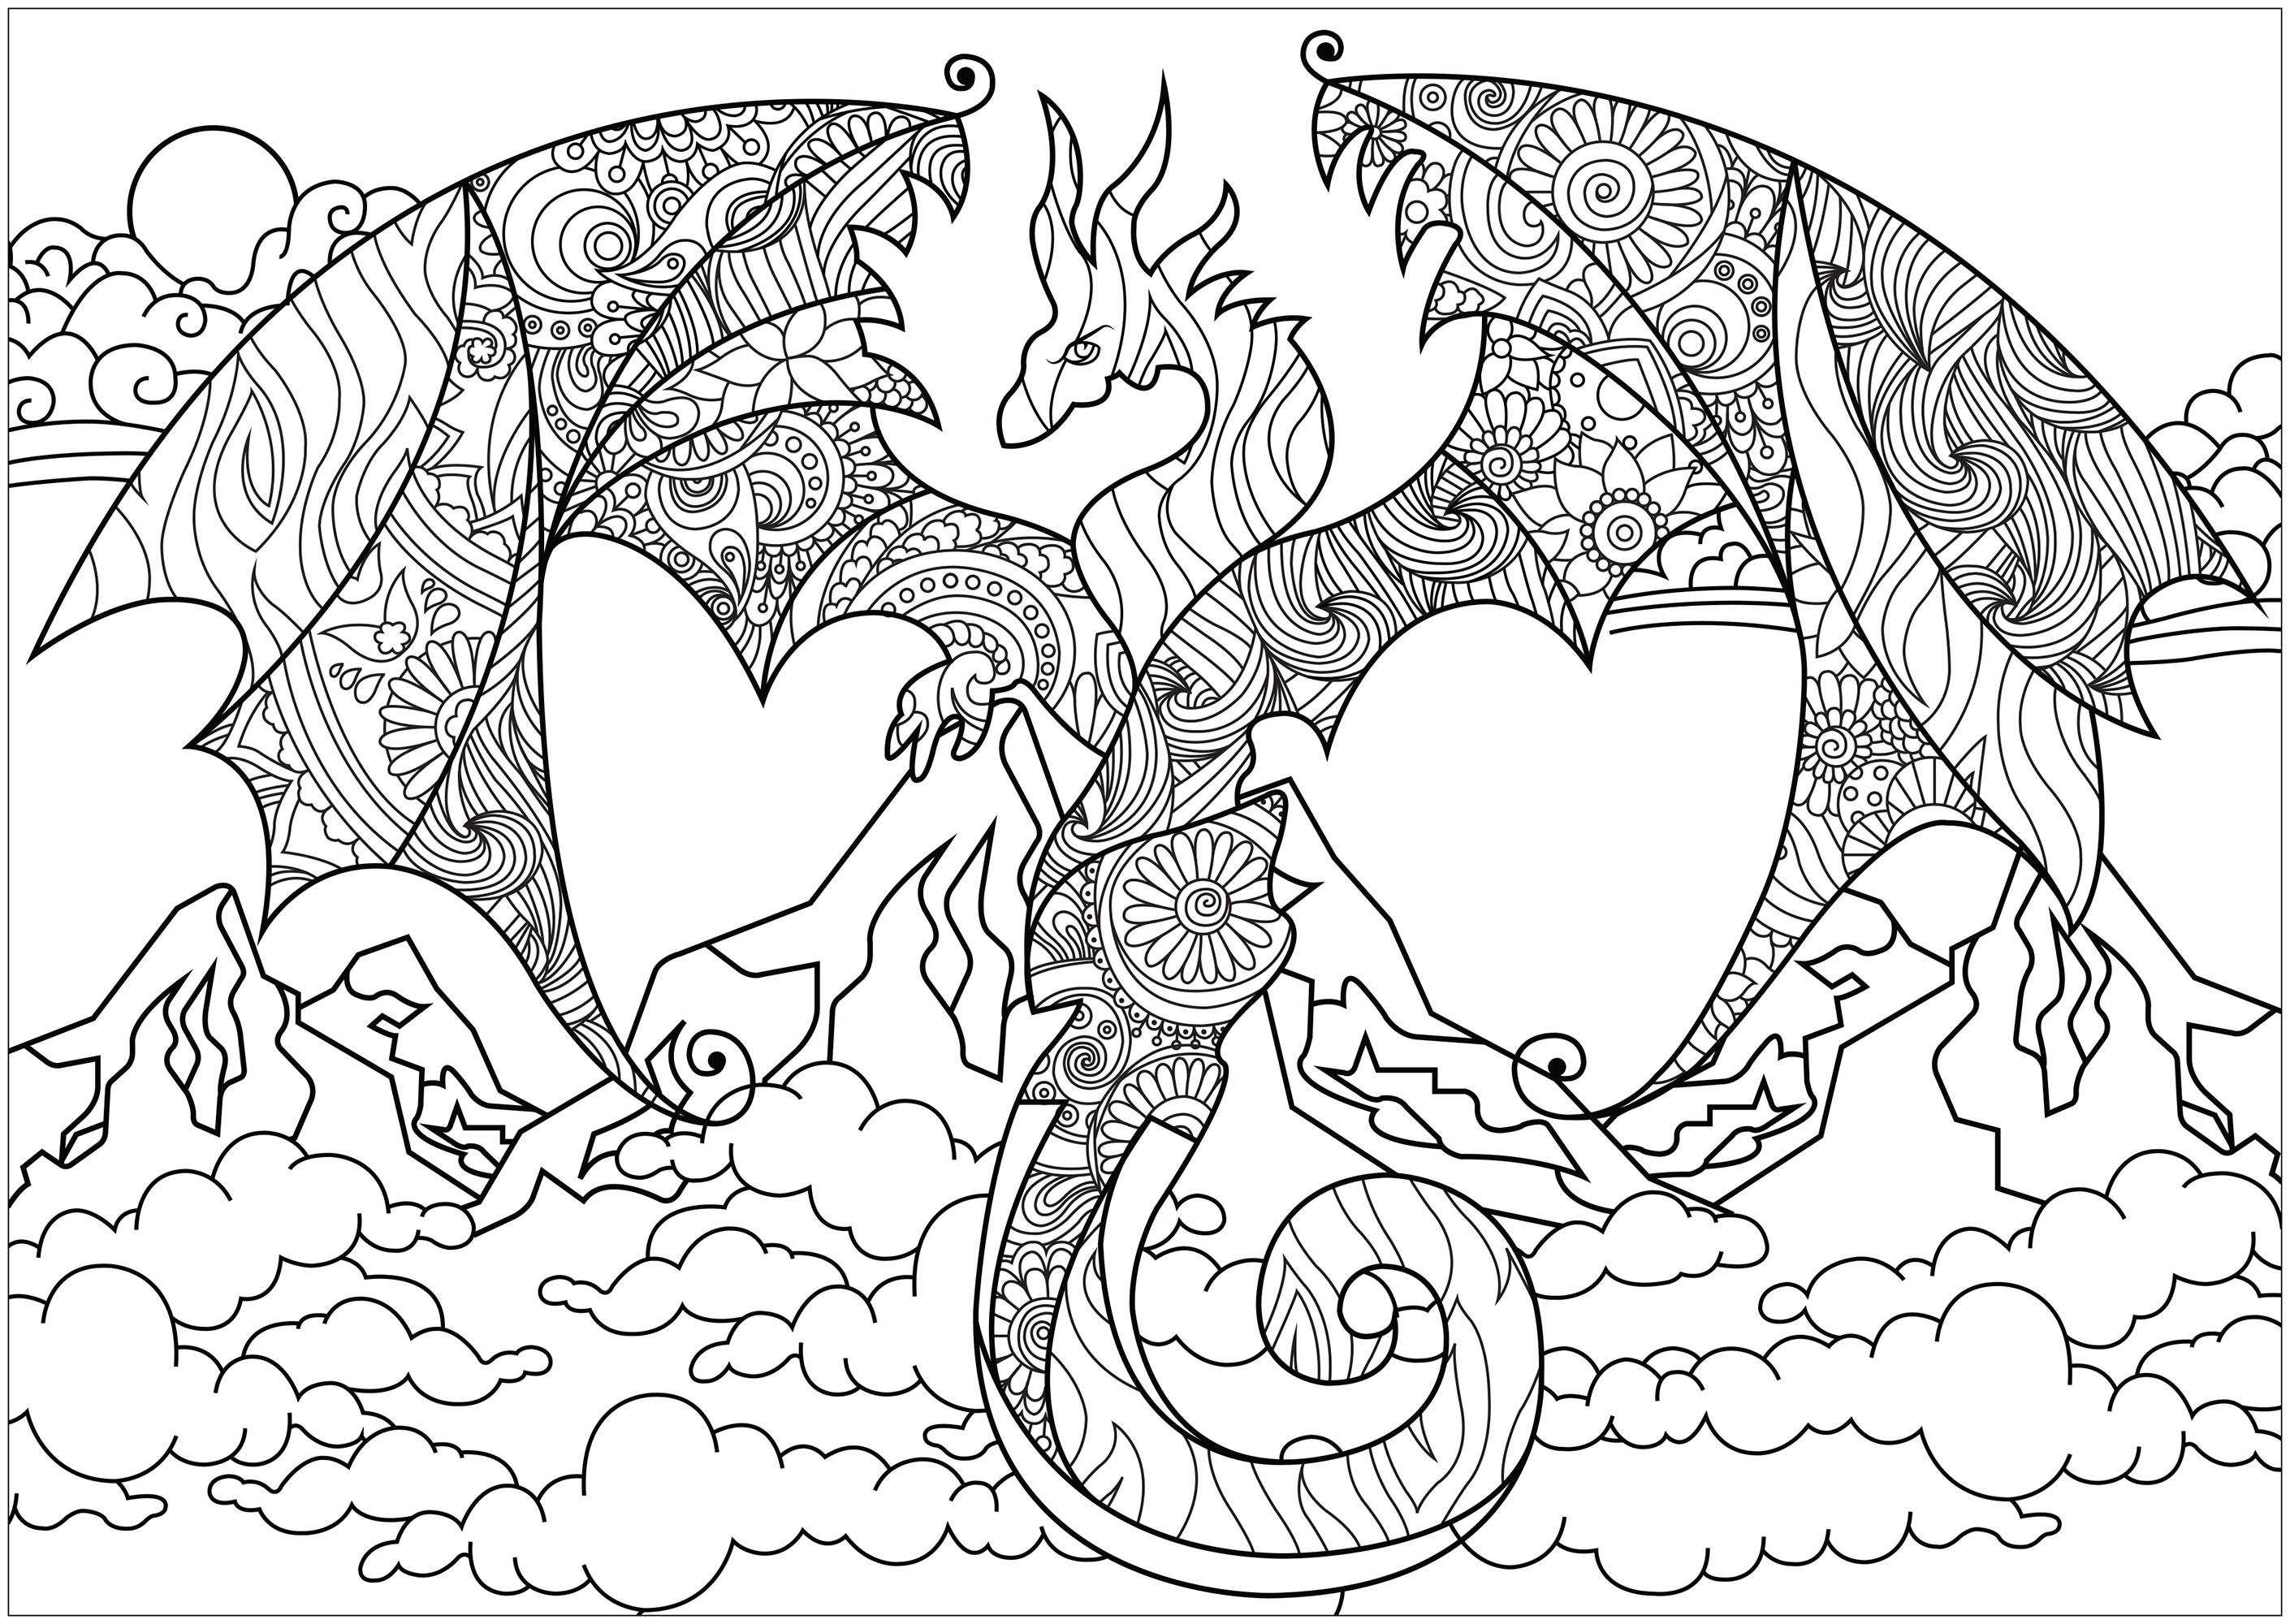 Drachen 10 - Drachen - Malbuch Fur Erwachsene